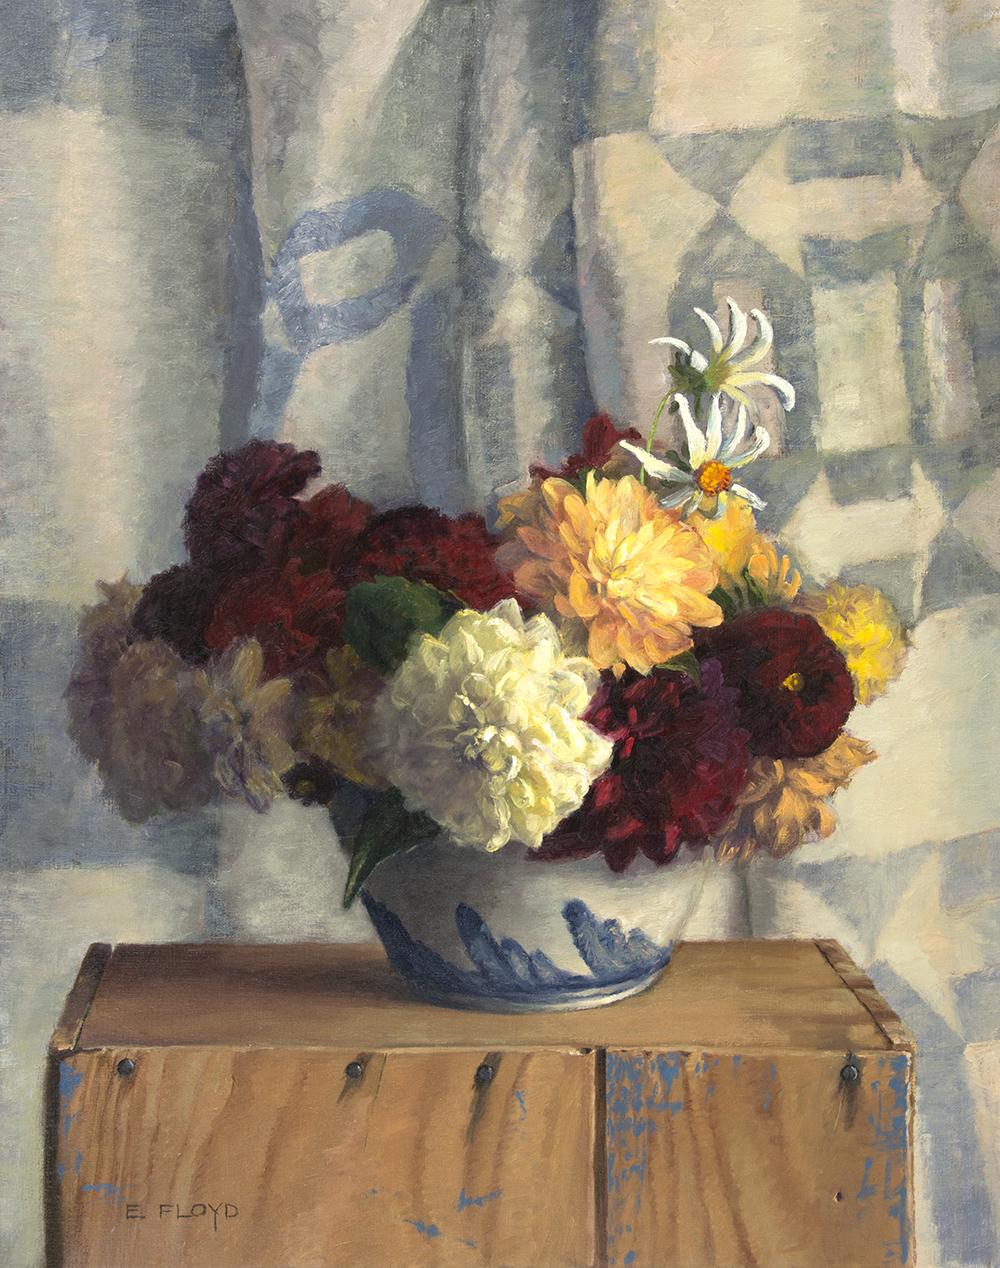 floral still life painting of dahlias.jpg